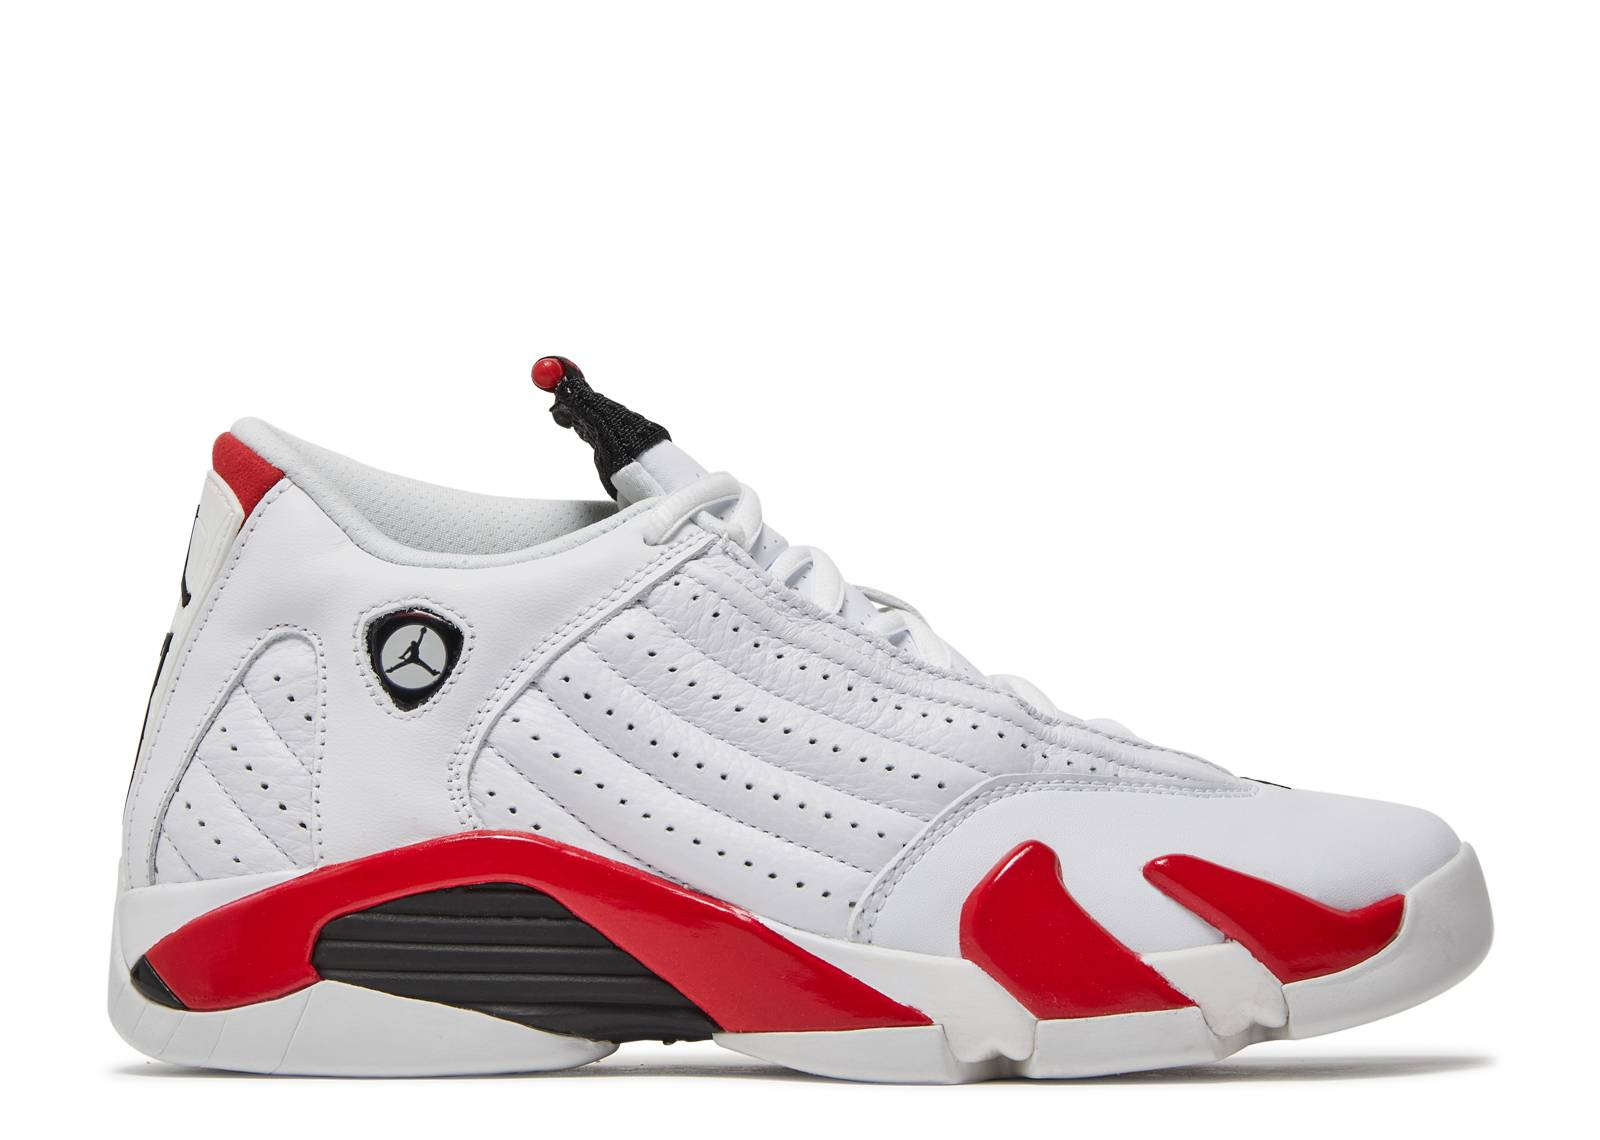 Air Jordan 14 Sneakers | Flight Club